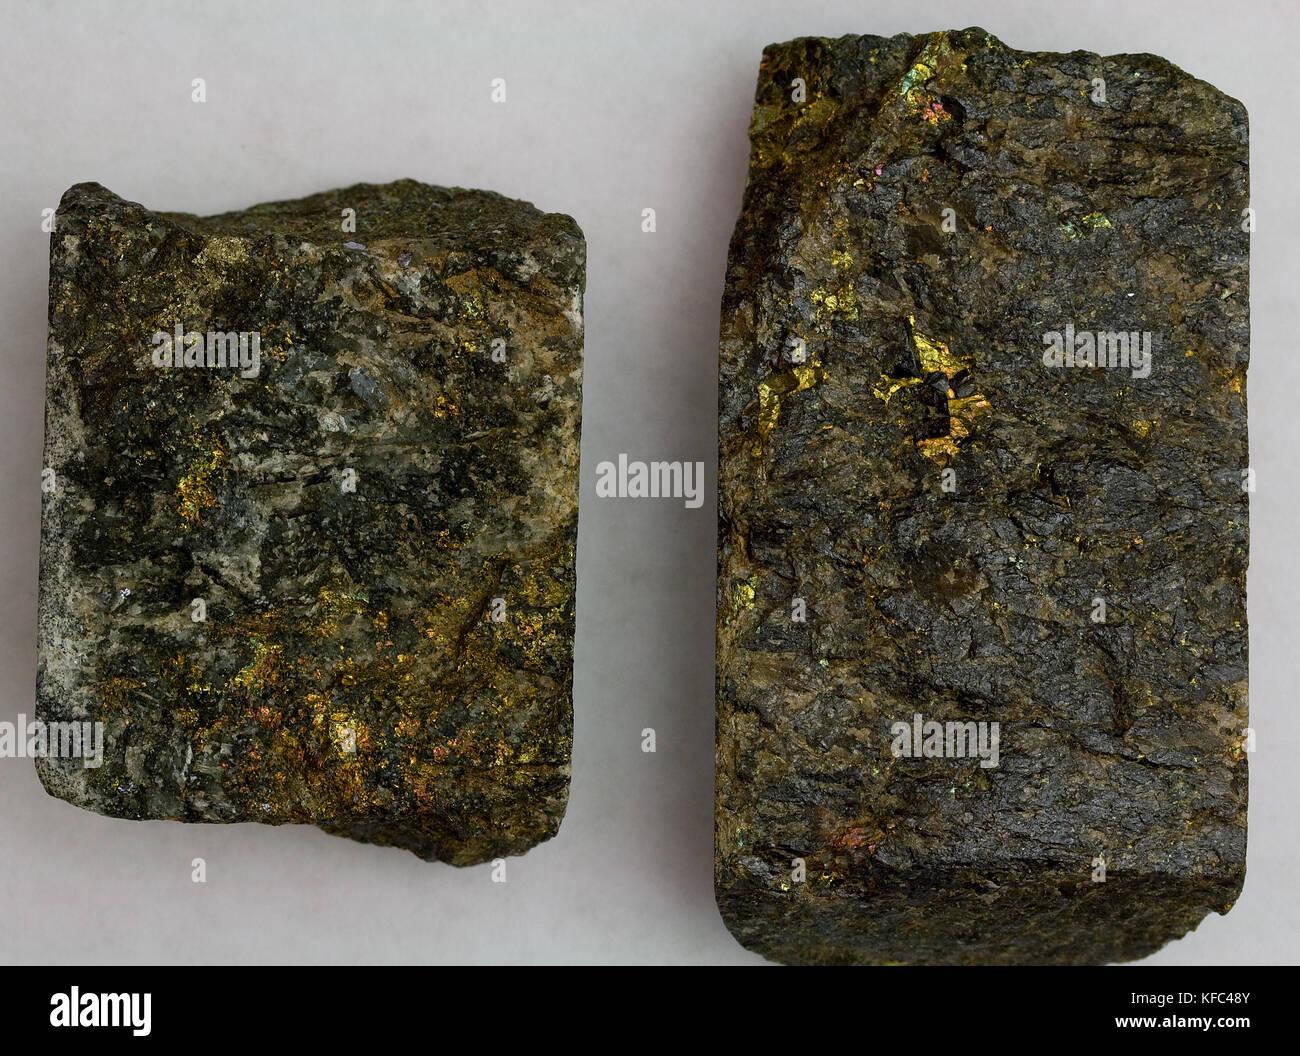 L'or de qualité supérieure des échantillons de minerai le désert de Mojave, Californie, USA Banque D'Images